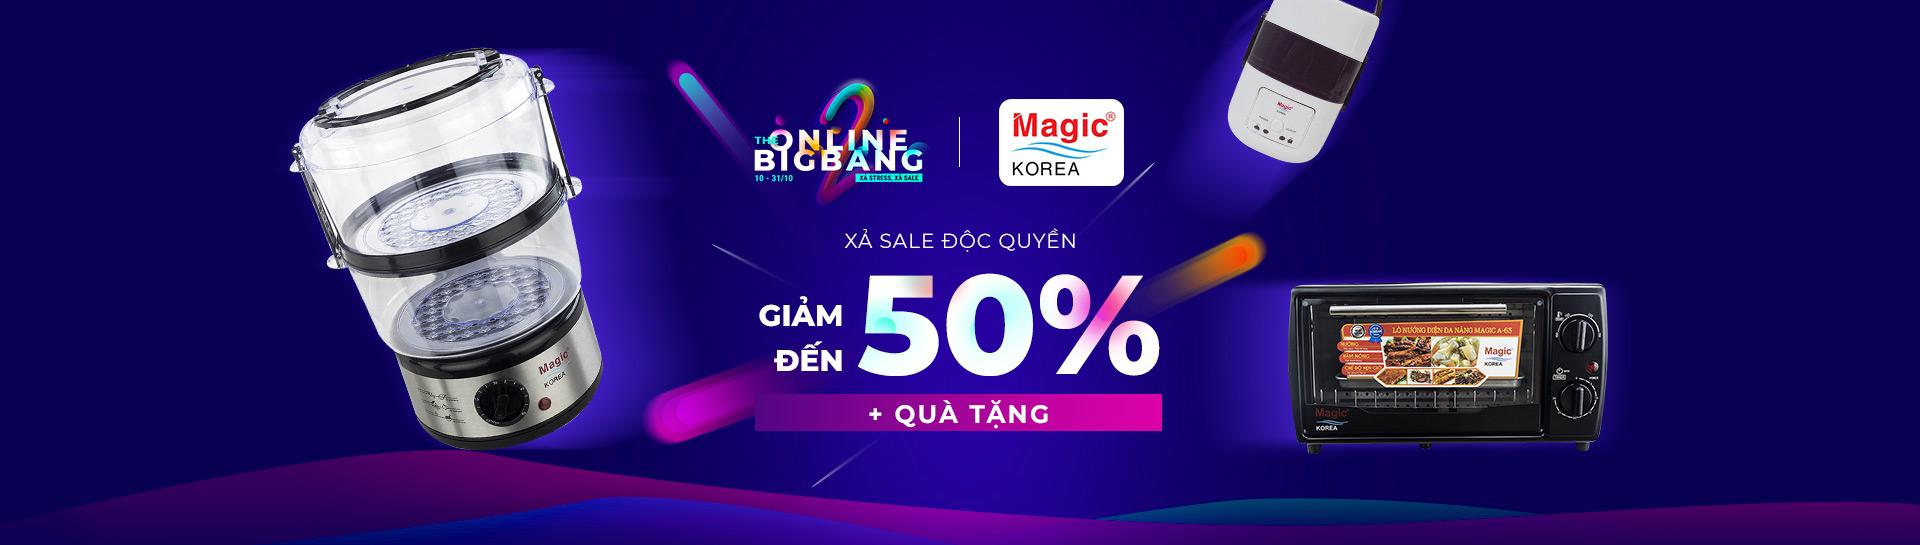 Magic Korea - Giảm giá đến 40% + Quà tặng